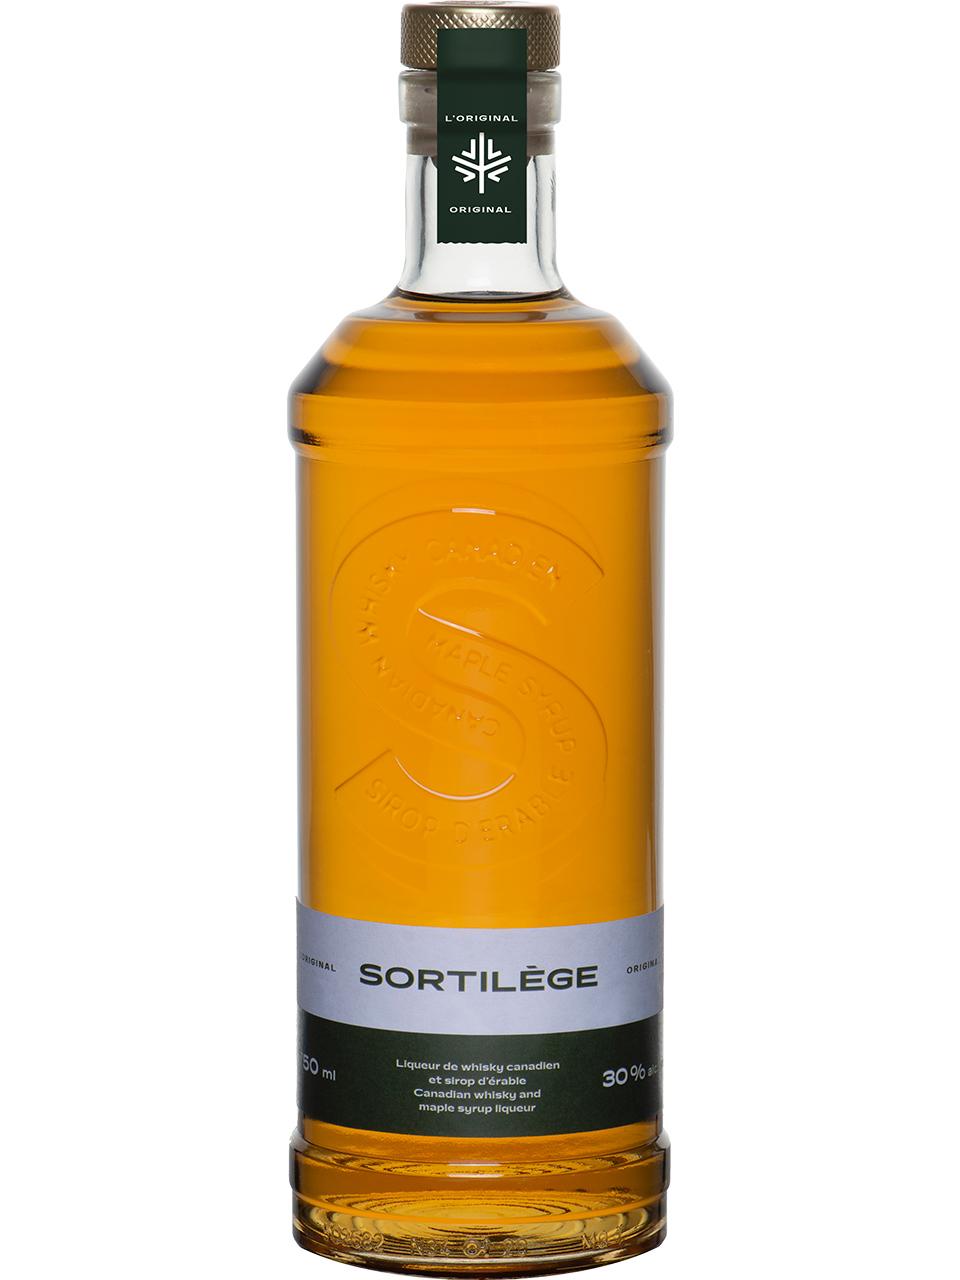 Sortilege Liqueur